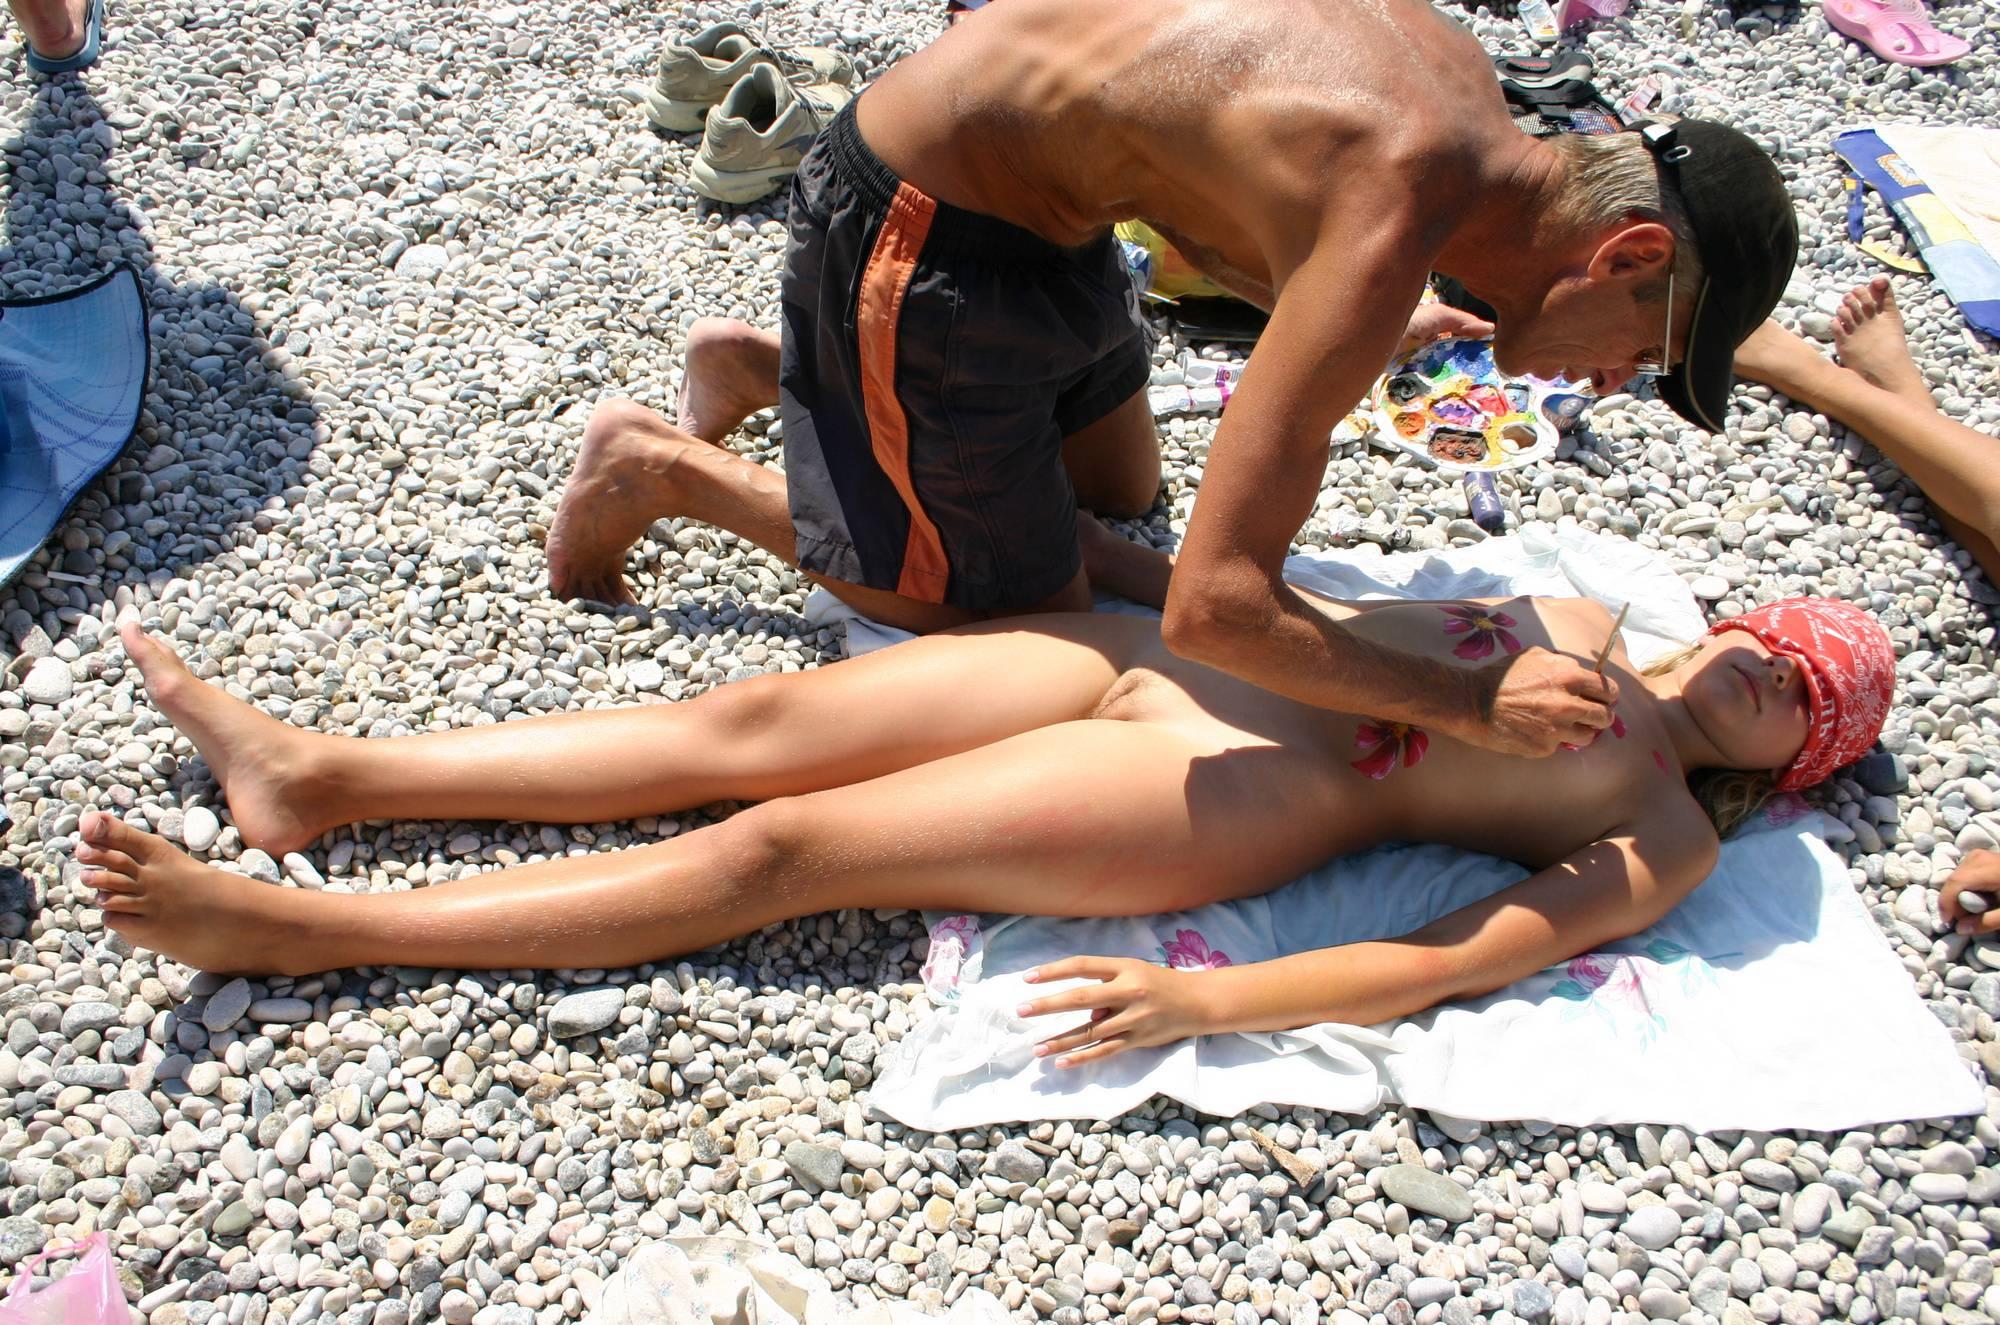 Nude Body Painting Prep - 2